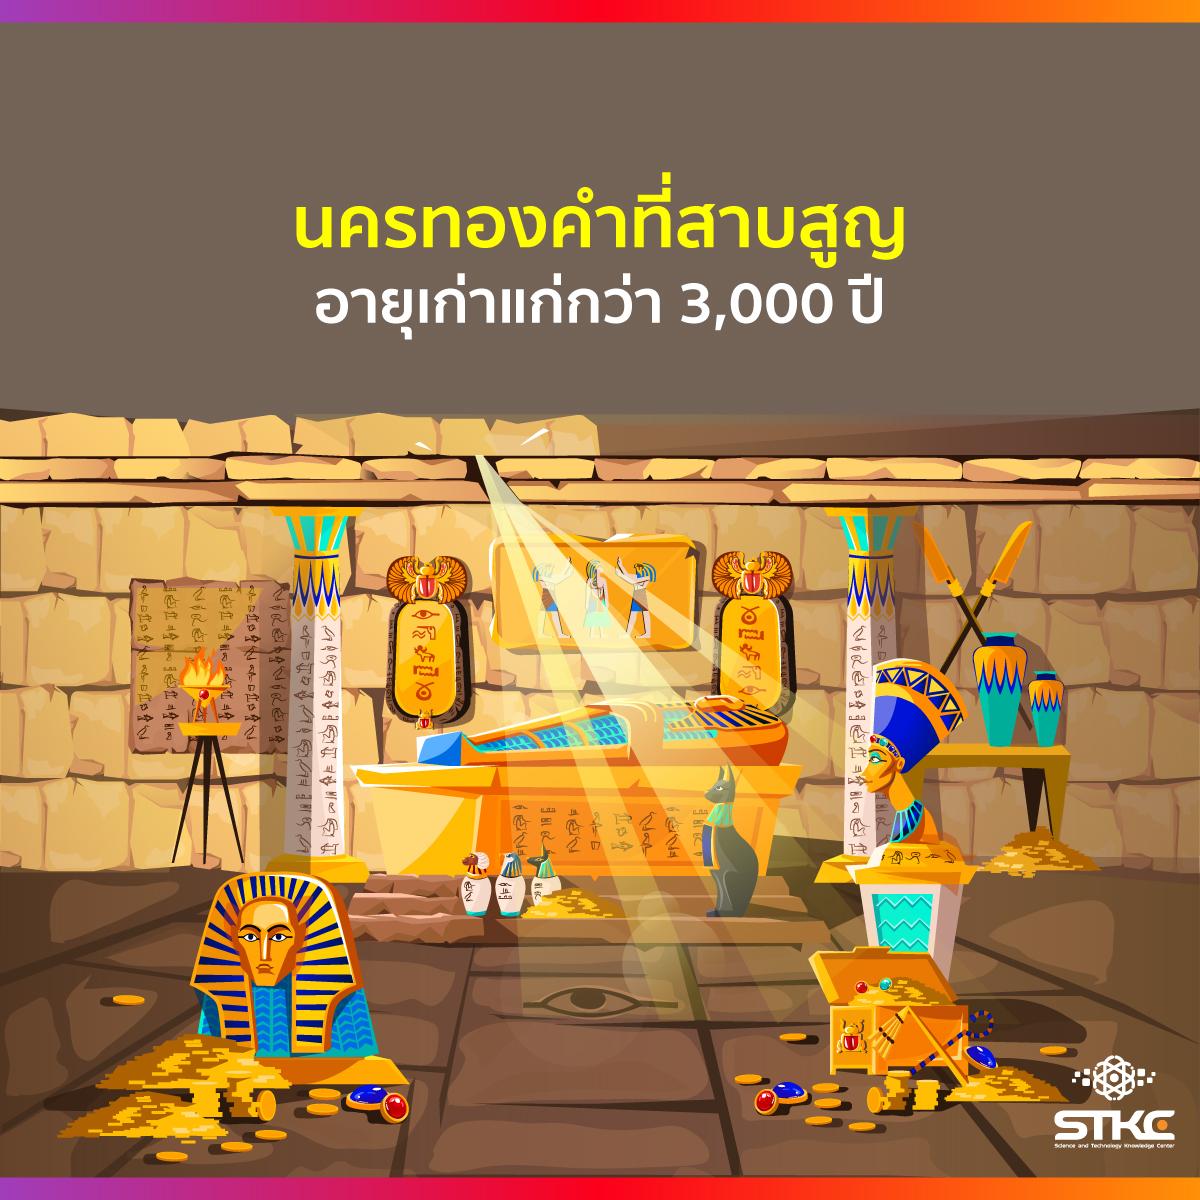 นครทองคำที่สาบสูญ อายุเก่าแก่กว่า 3,000 ปี